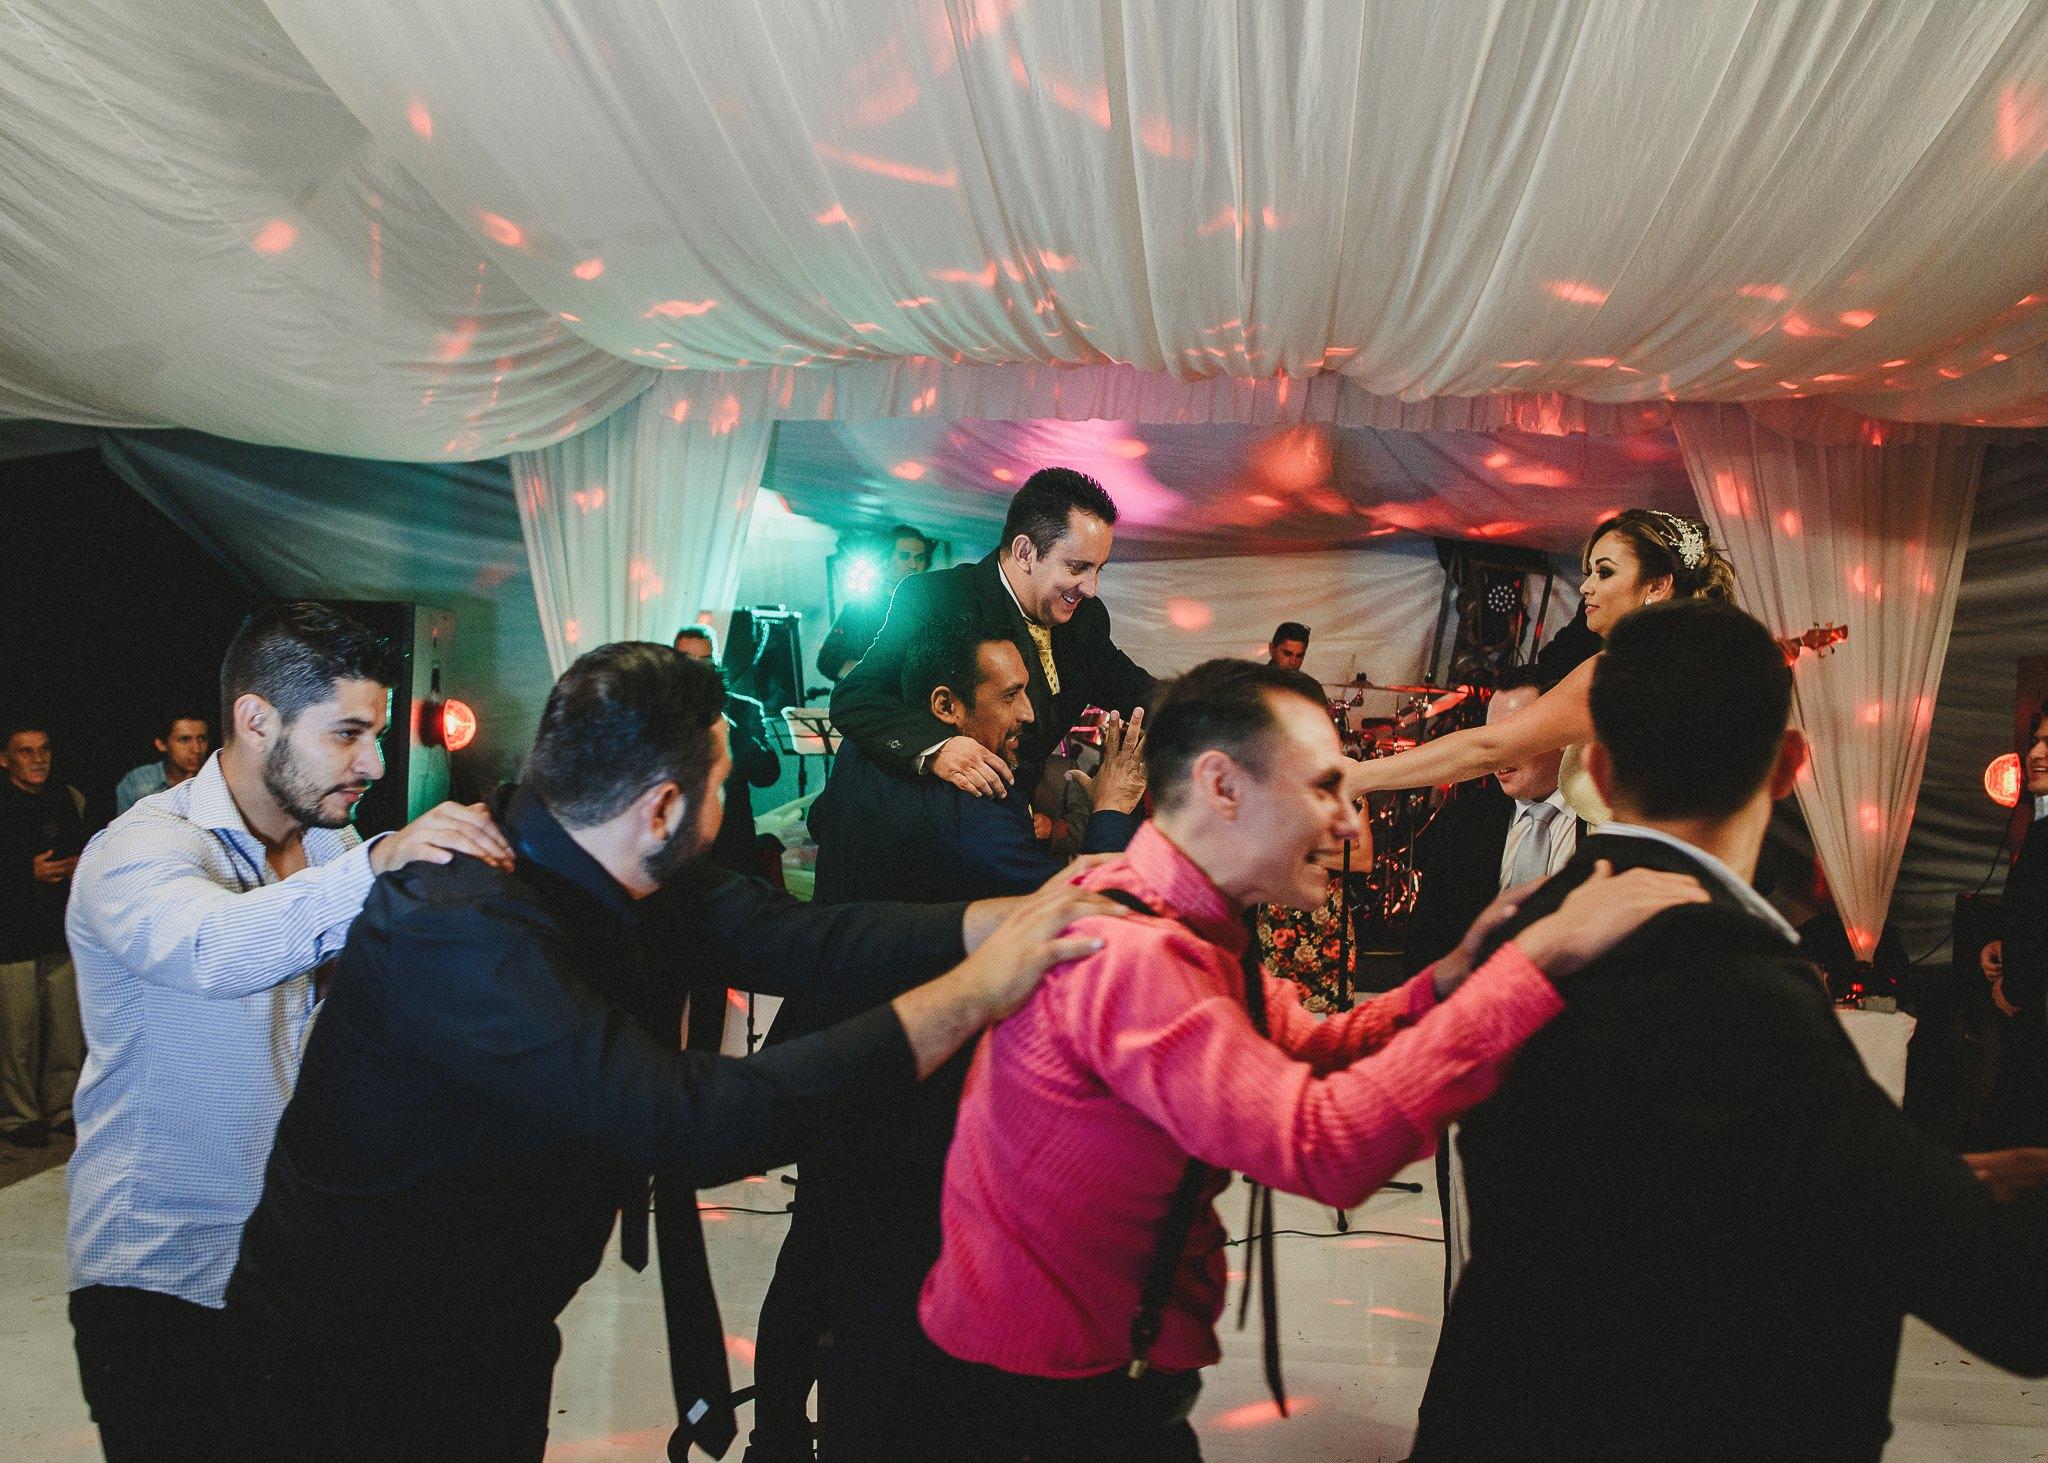 03boda-en-jardin-wedding-hacienda-los-cuartos-fotografo-luis-houdin130